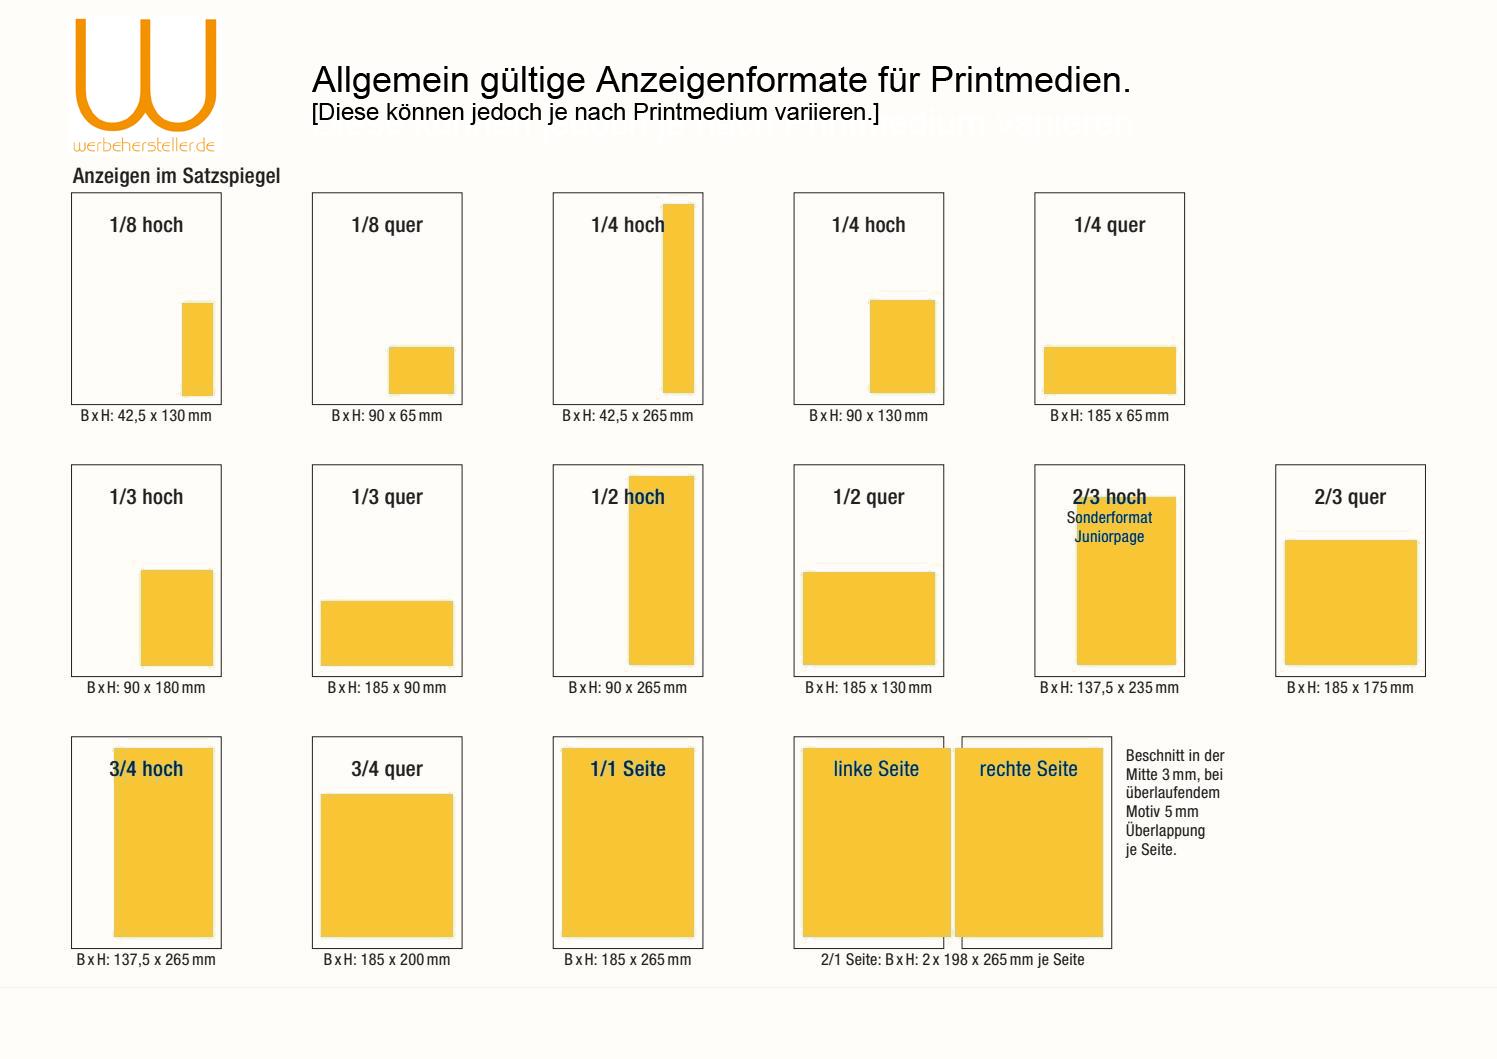 Anzeigenformate im Satzspiegel, www.werbehersteller.de